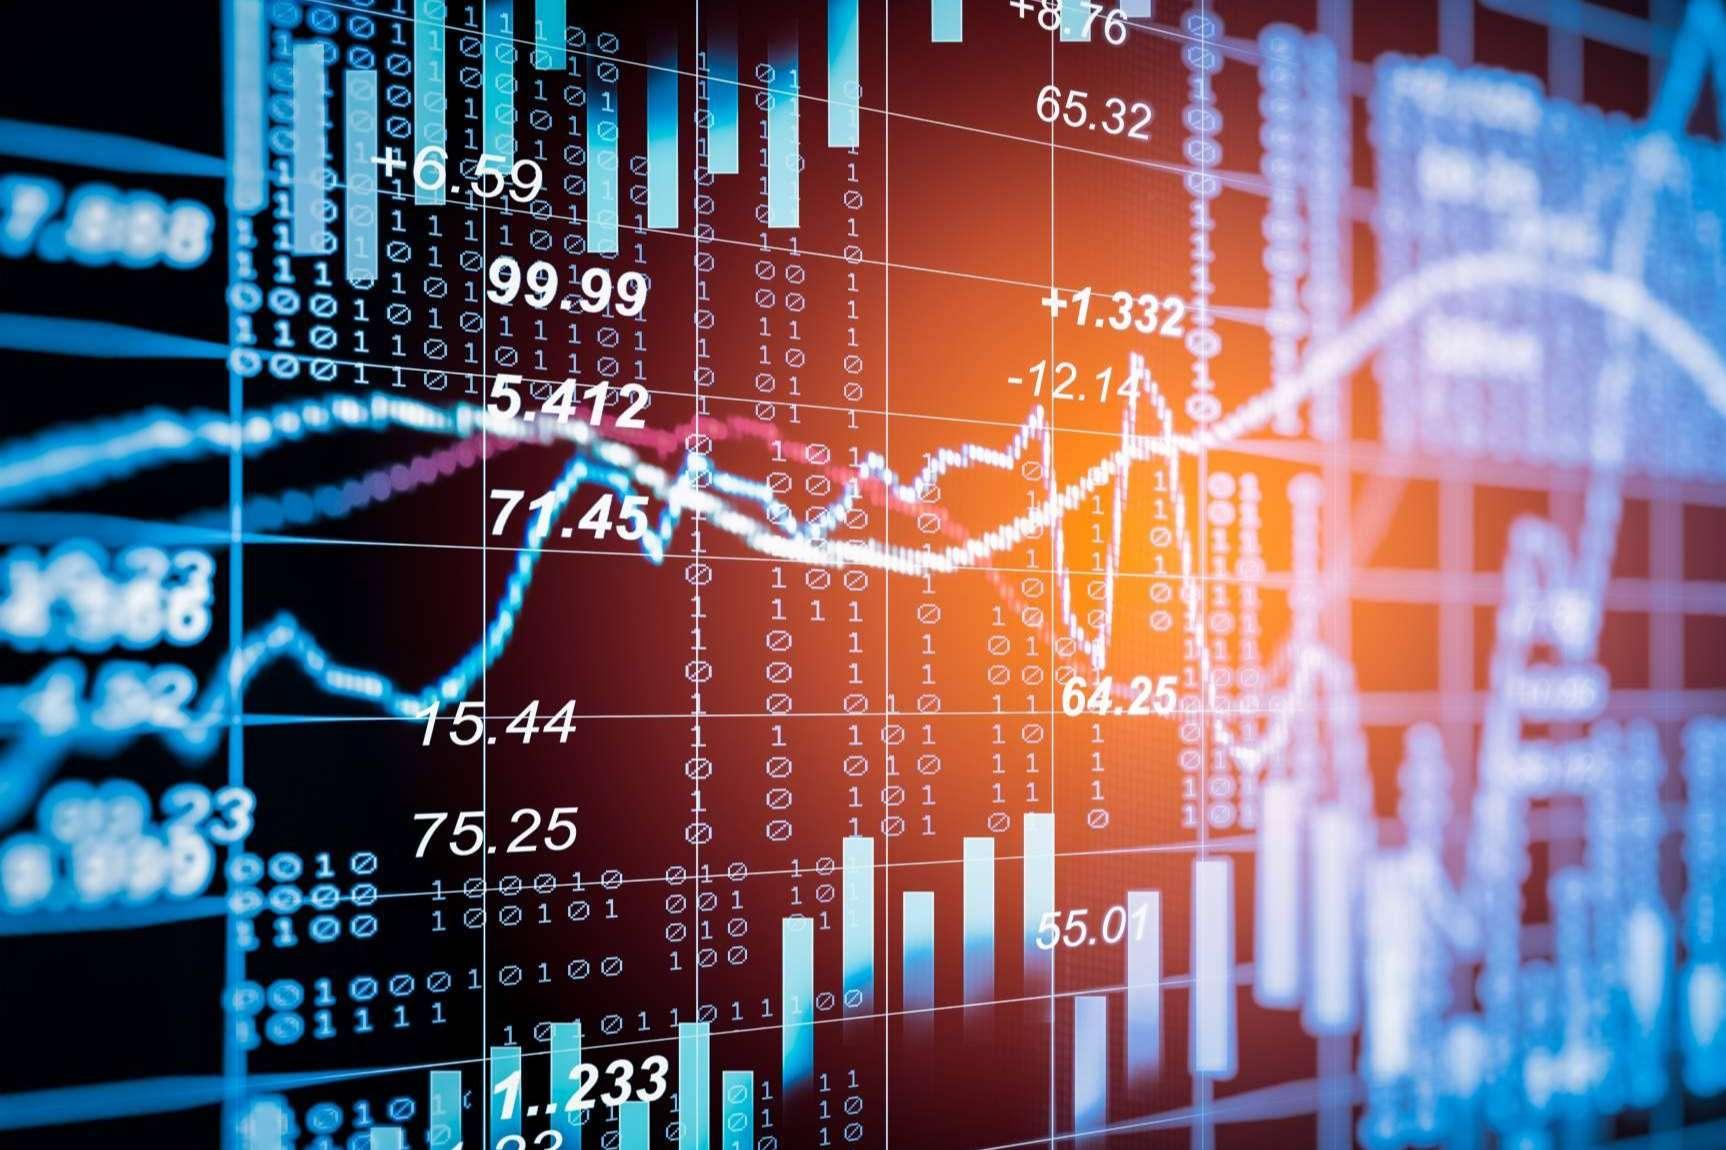 ¿Dónde aprender trading?: Juan Manuel García